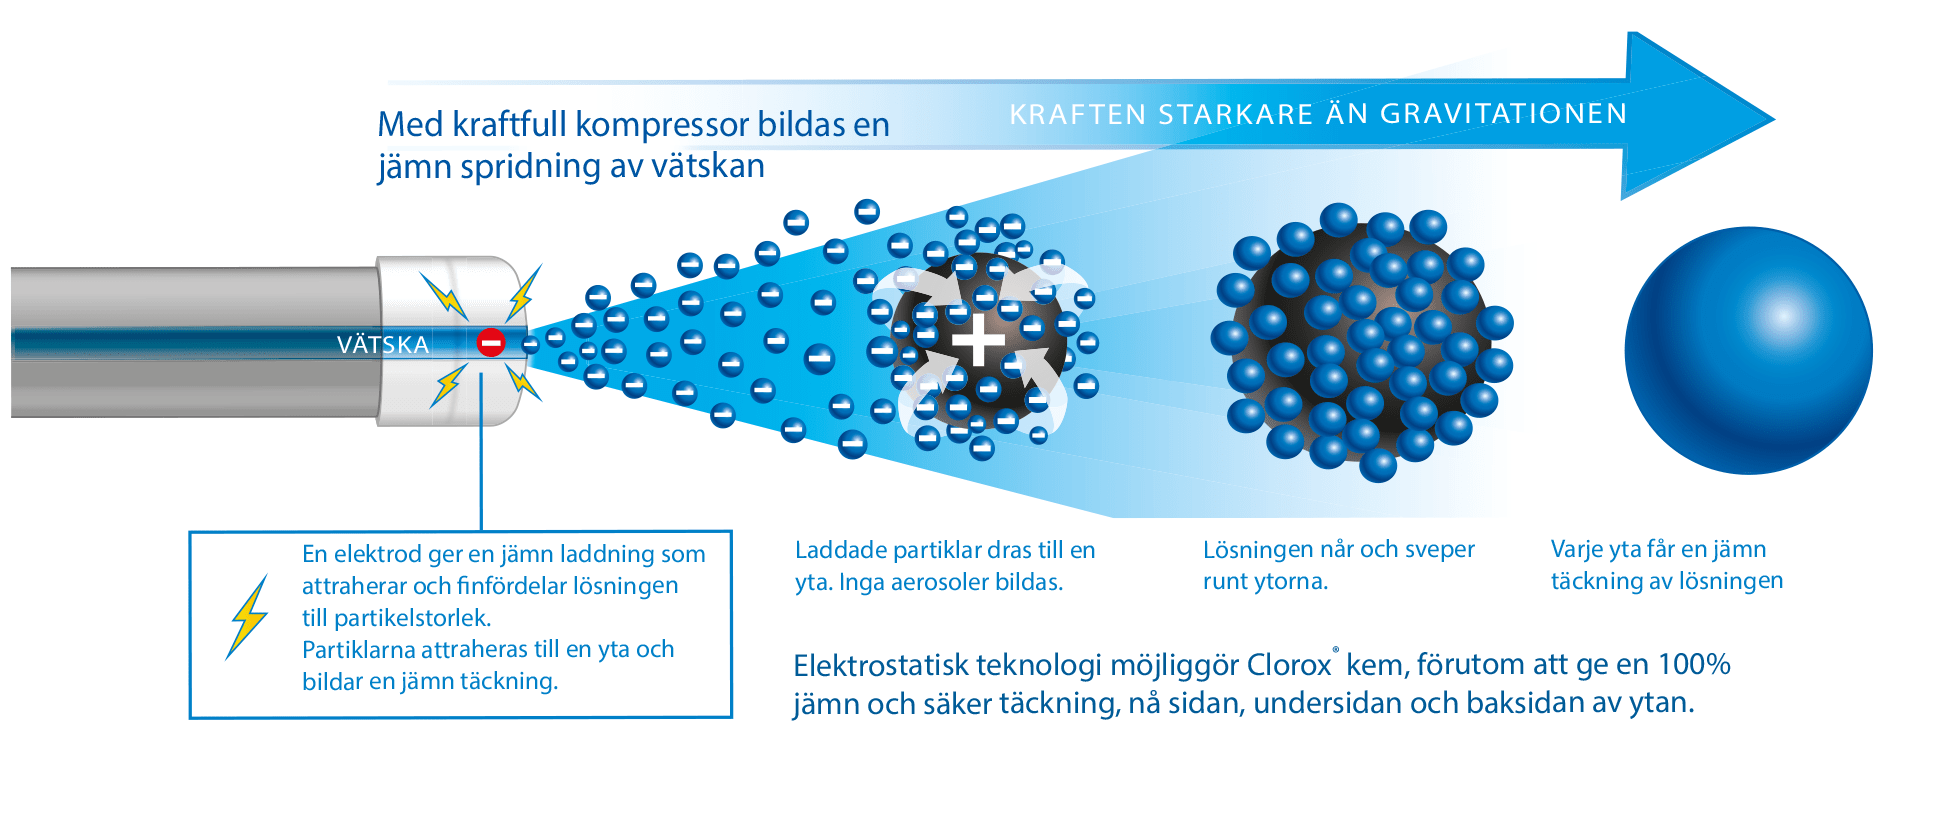 elektrostatisk-teknologi-e1558006609110